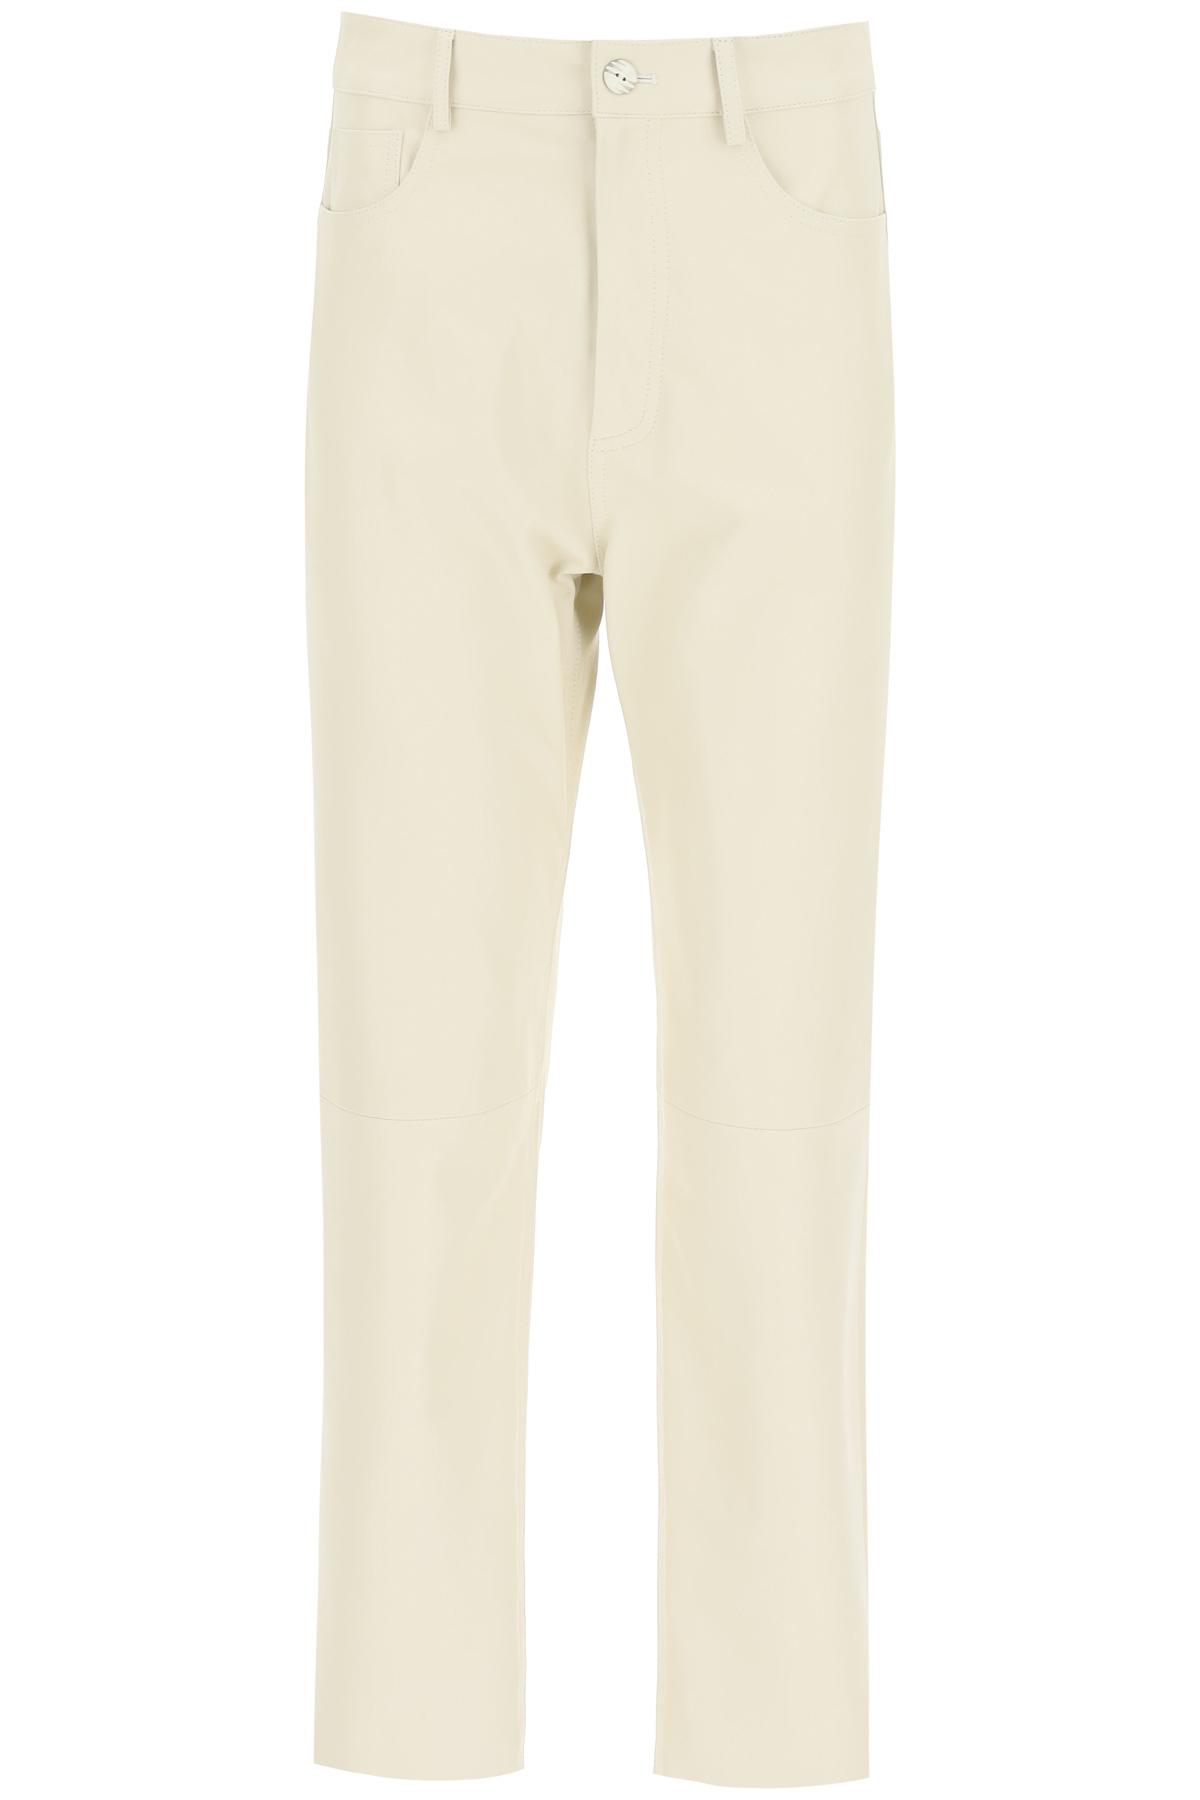 Drome pantaloni in nappa a cinque tasche